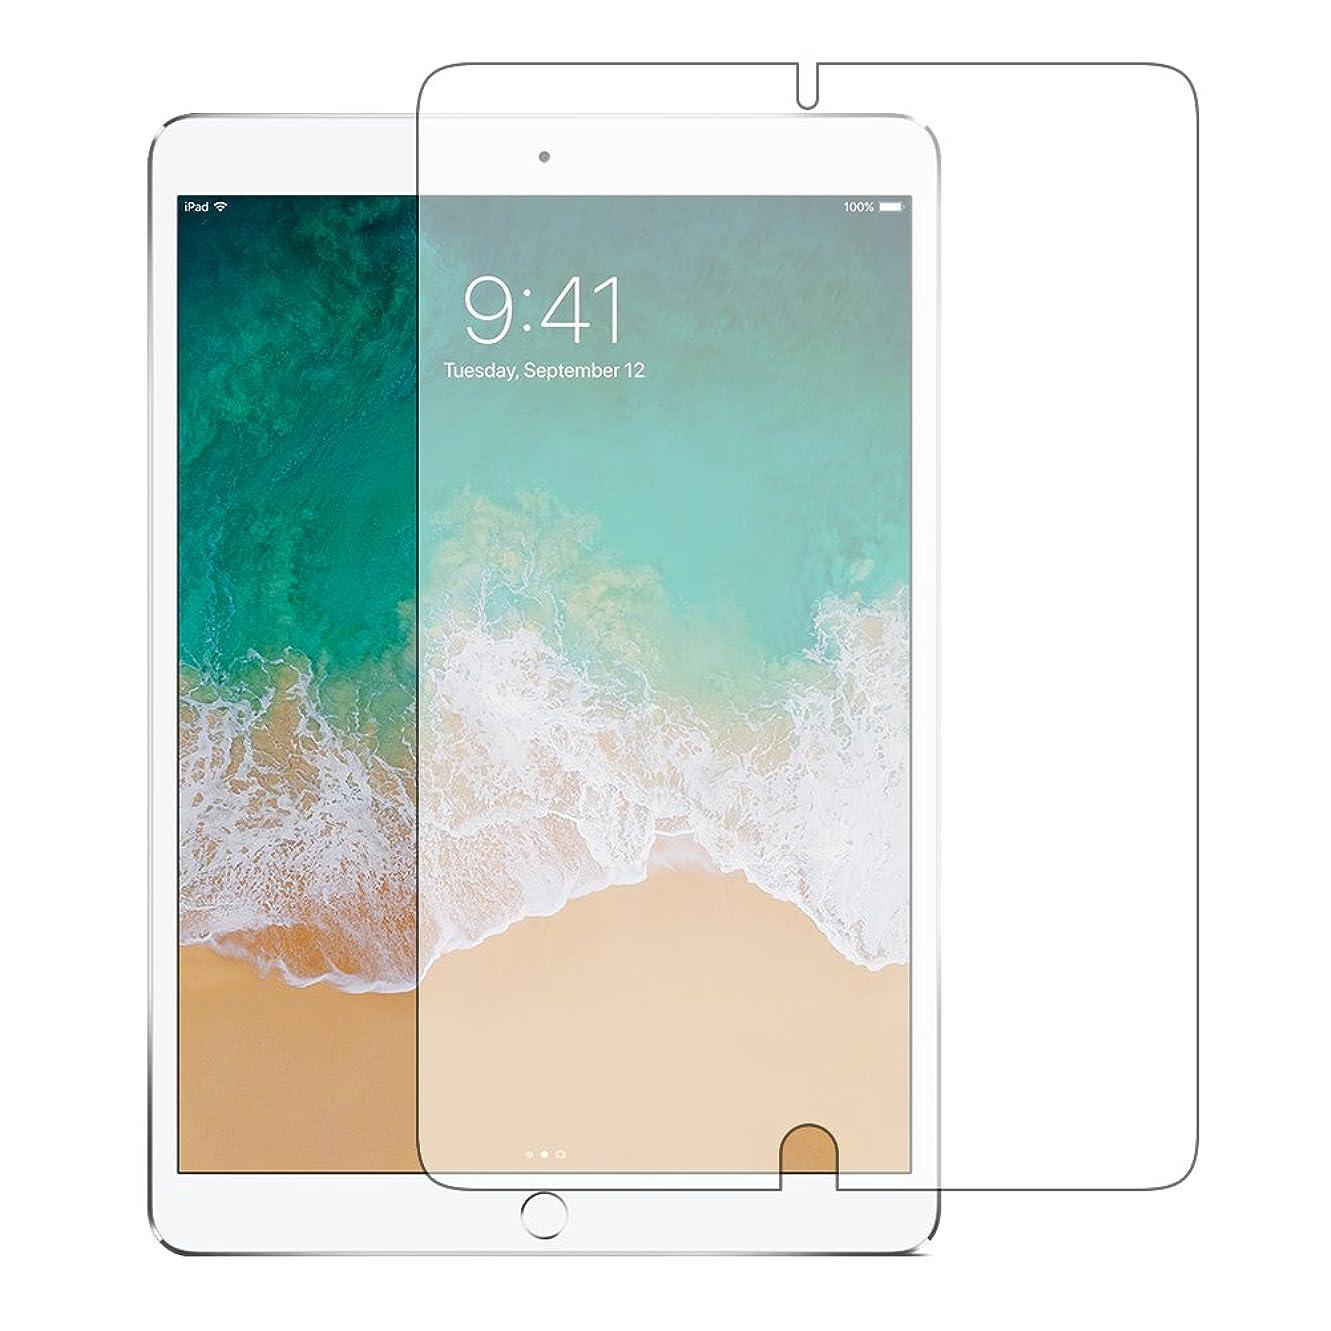 一時停止意味する流用するメディアカバーマーケット【専用】Apple iPad Pro 10.5インチ機種用 【ペーパーライク 紙心地 反射防止 指紋防止 液晶保護フィルム】